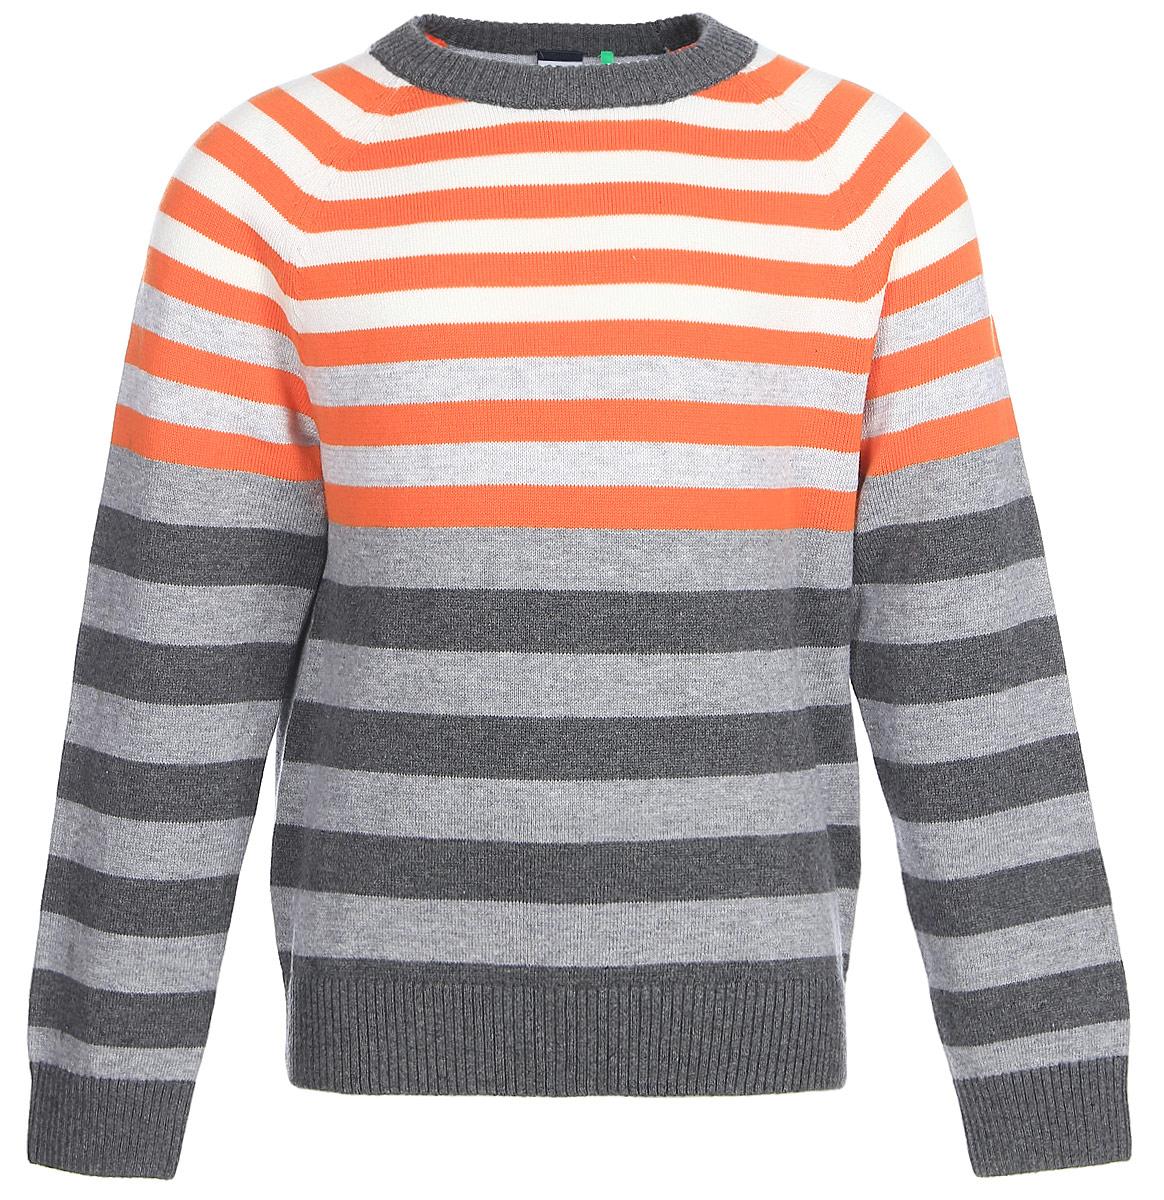 Джемпер для мальчика Sela, цвет: темно-серый меланж. JR-714/172-7310. Размер 110JR-714/172-7310Стильный джемпер для мальчика Sela поможет создать модный образ и станет отличным дополнением повседневного гардероба. Модель прямого кроя с длинными рукавами-реглан изготовлена из натурального хлопкового трикотажа мелкой вязки в полоску. Круглый вырез горловины, манжеты рукавов и низ изделия связаны резинкой. Модель подойдет для прогулок и дружеских встреч и будет отлично сочетаться с джинсами и брюками.